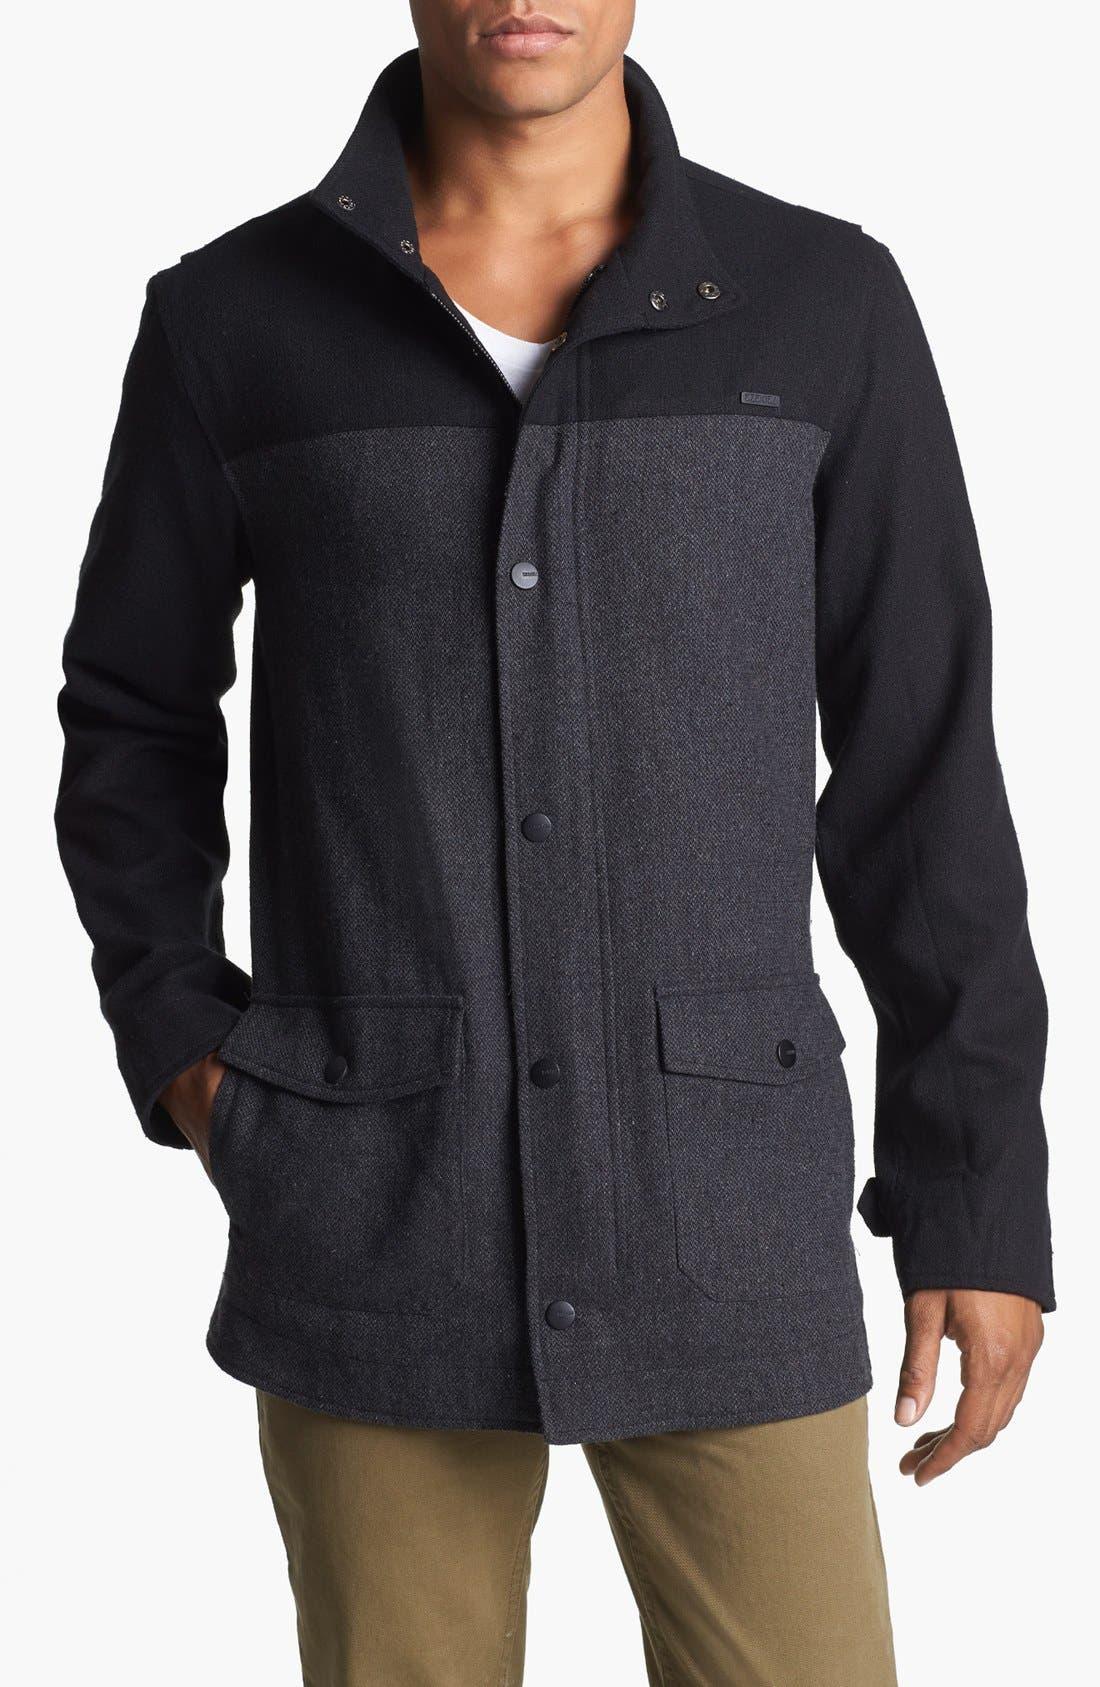 Alternate Image 1 Selected - Ezekiel 'Overhaul' Wool Jacket